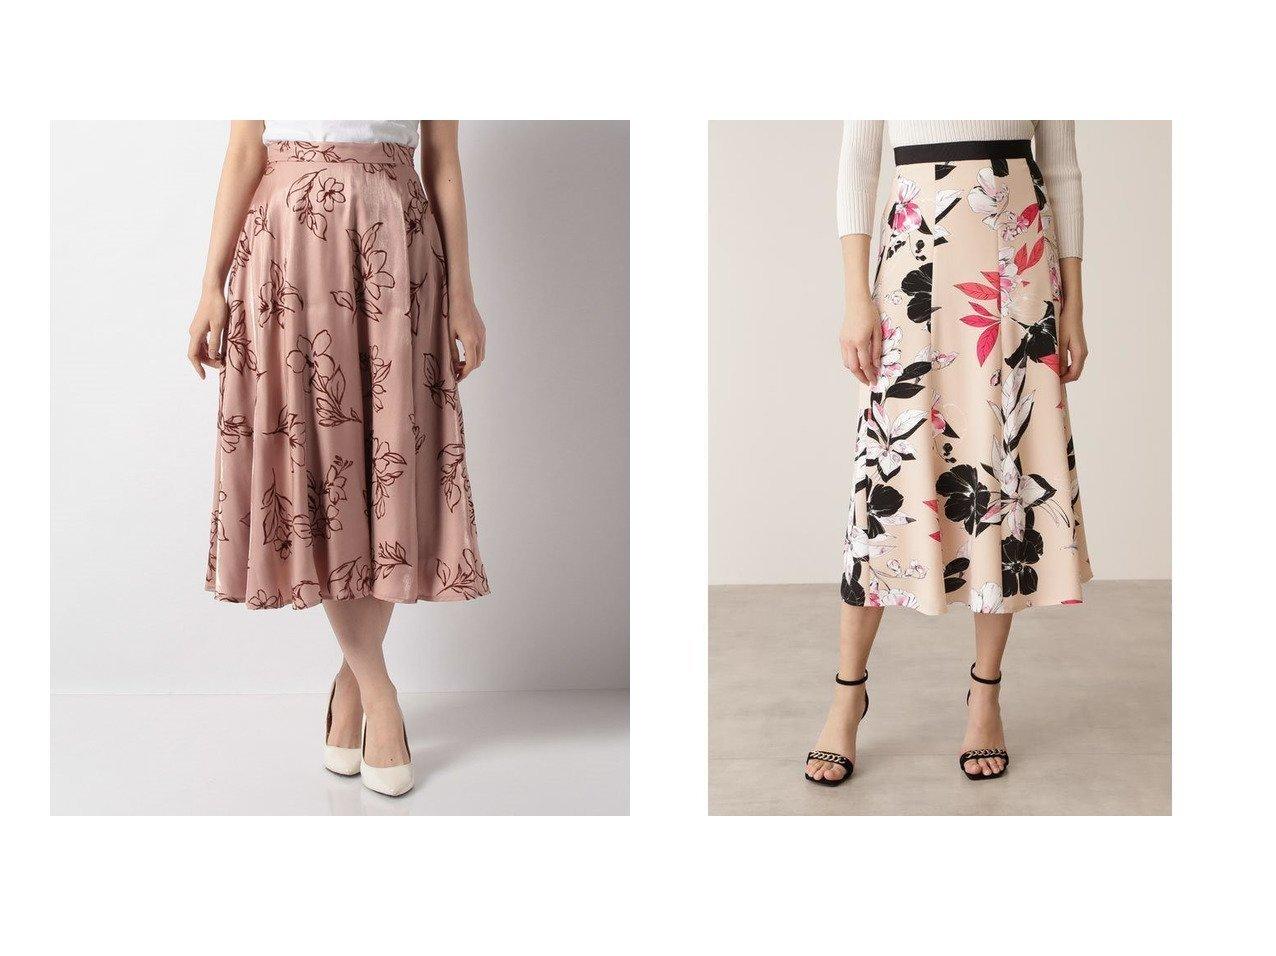 【31 Sons de mode/トランテアン ソン ドゥ モード】のフロッキーフレアスカート&【Pinky&Dianne/ピンキーアンドダイアン】のカラーフラワーゴアードスカート スカートのおすすめ!人気トレンド・レディースファッションの通販 おすすめで人気の流行・トレンド、ファッションの通販商品 メンズファッション・キッズファッション・インテリア・家具・レディースファッション・服の通販 founy(ファニー) https://founy.com/ ファッション Fashion レディースファッション WOMEN スカート Skirt Aライン/フレアスカート Flared A-Line Skirts エレガント ギャザー フェミニン フラワー フレア ベスト ロマンティック トレンド プリント |ID:crp329100000008973